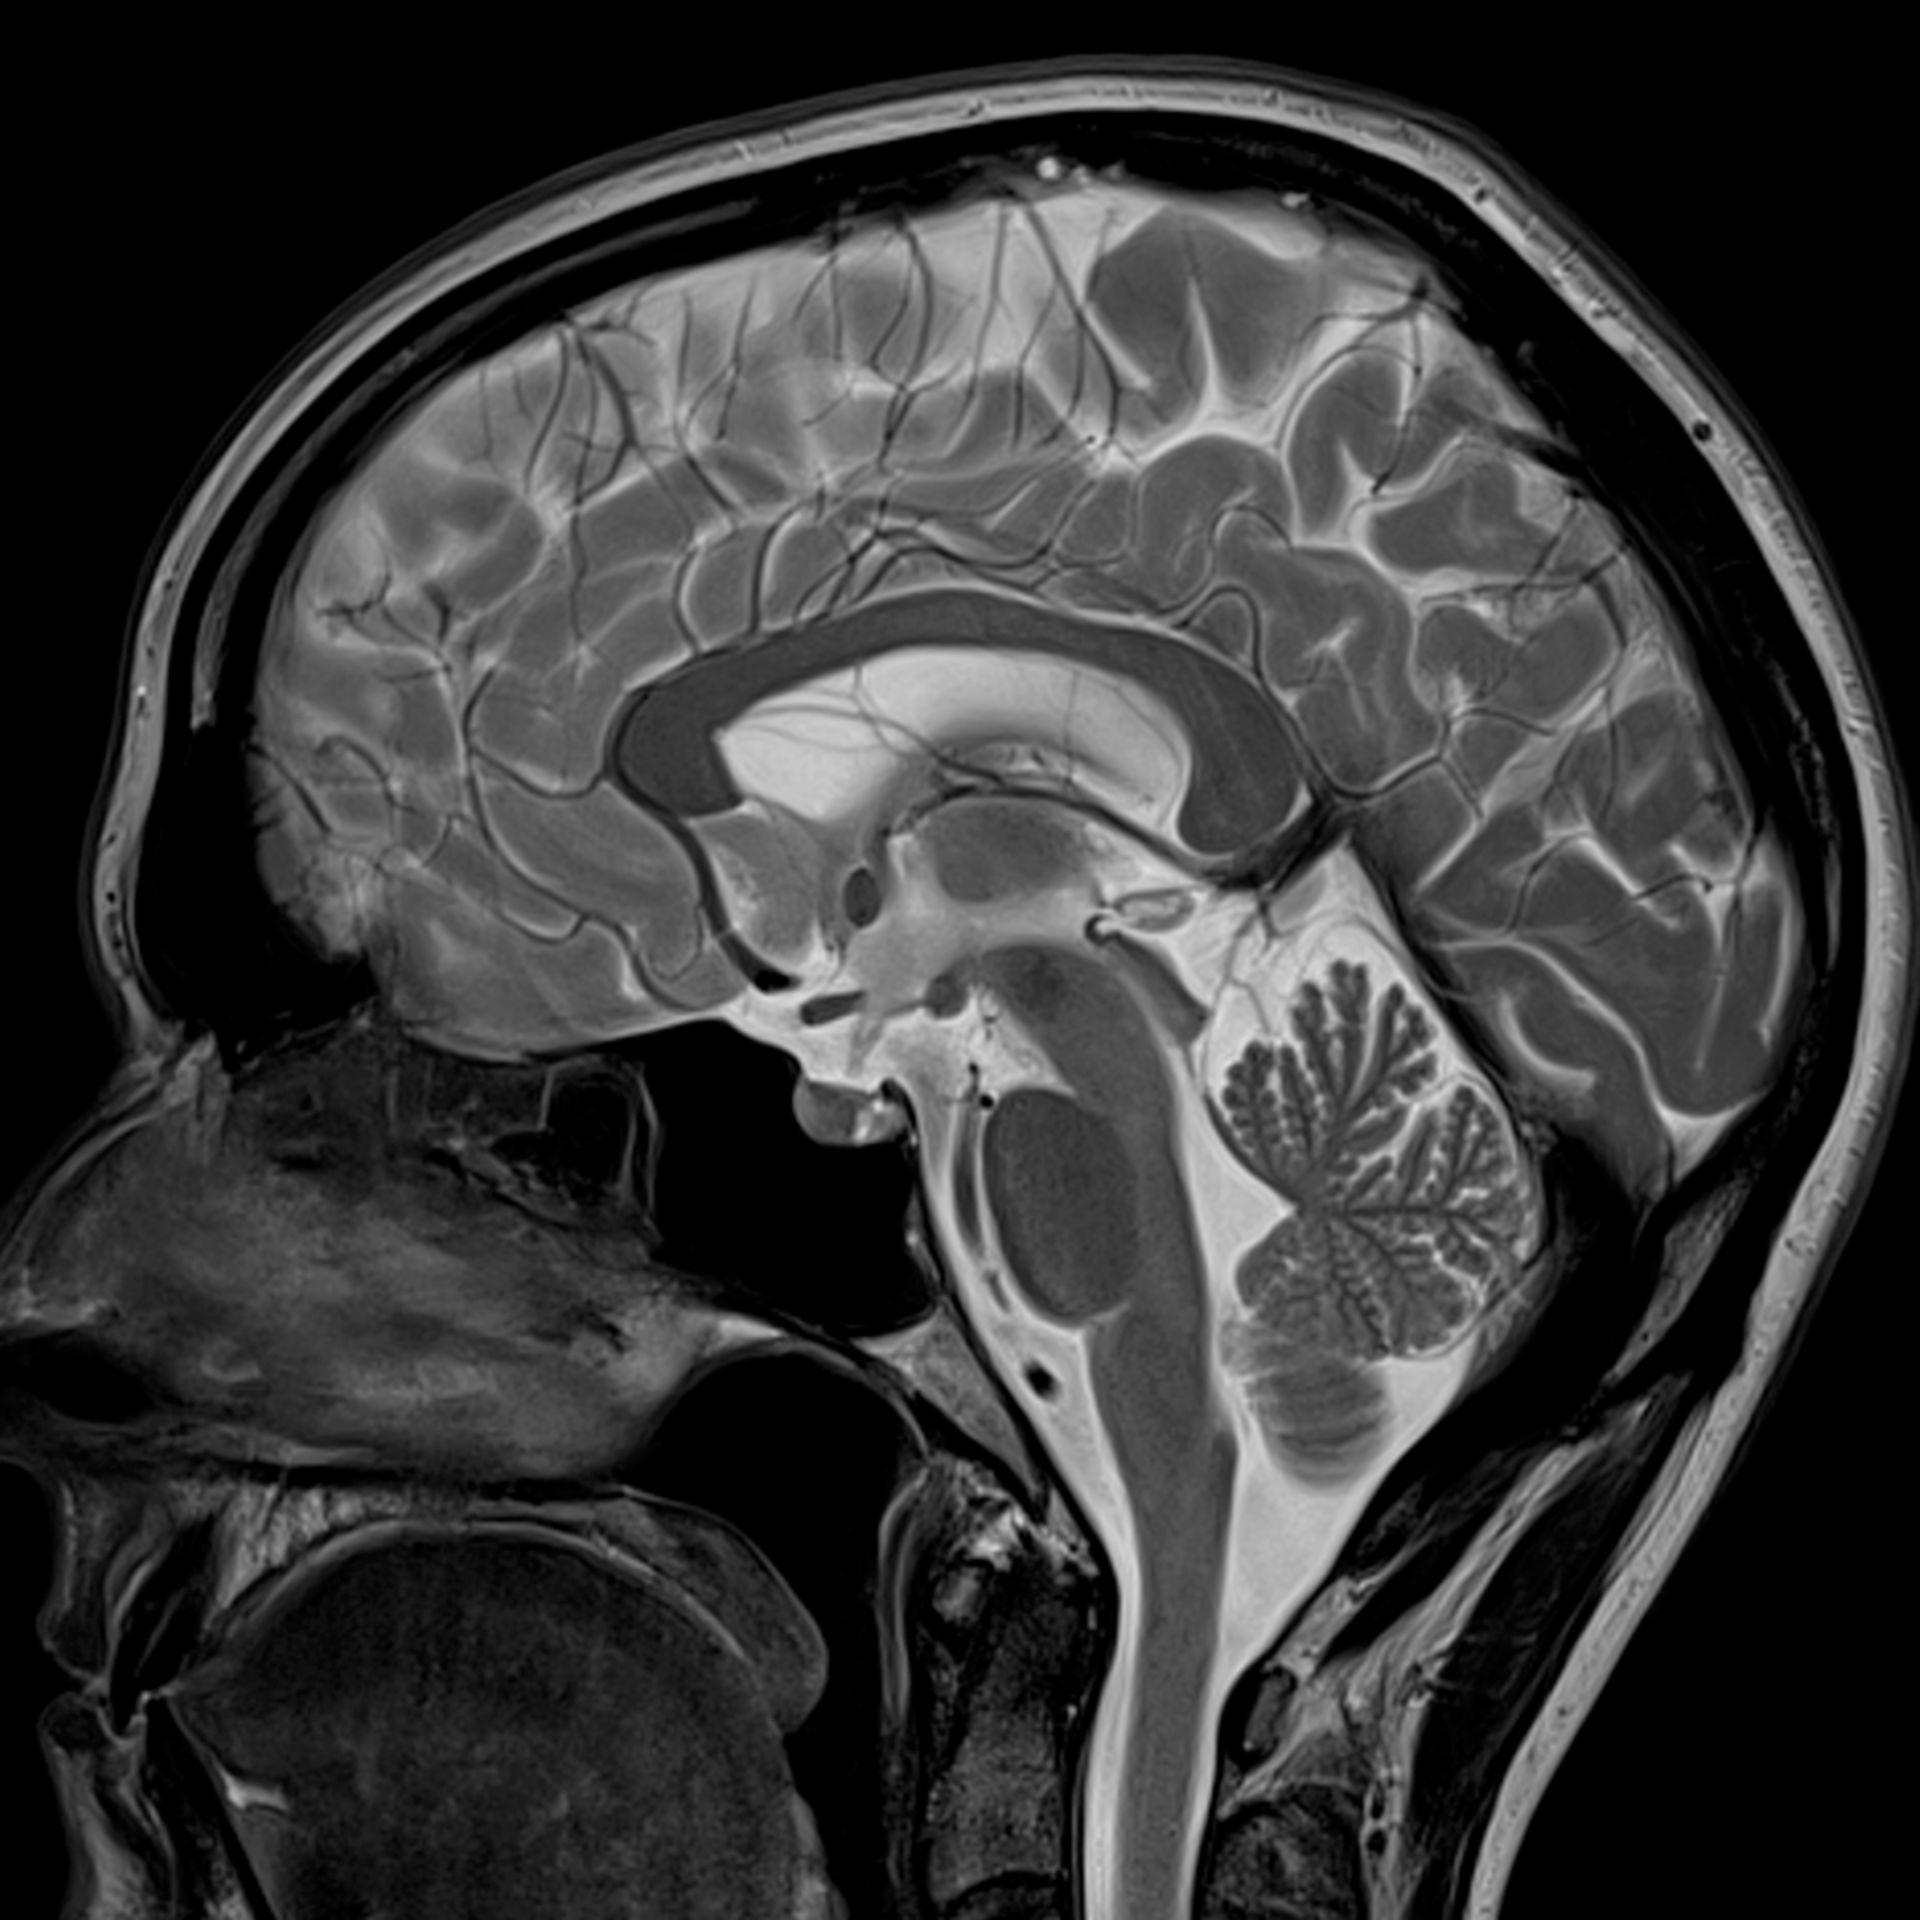 IRM de la cabeza, sagital (tomografía de resonancia magnética Magnetom Spectra)